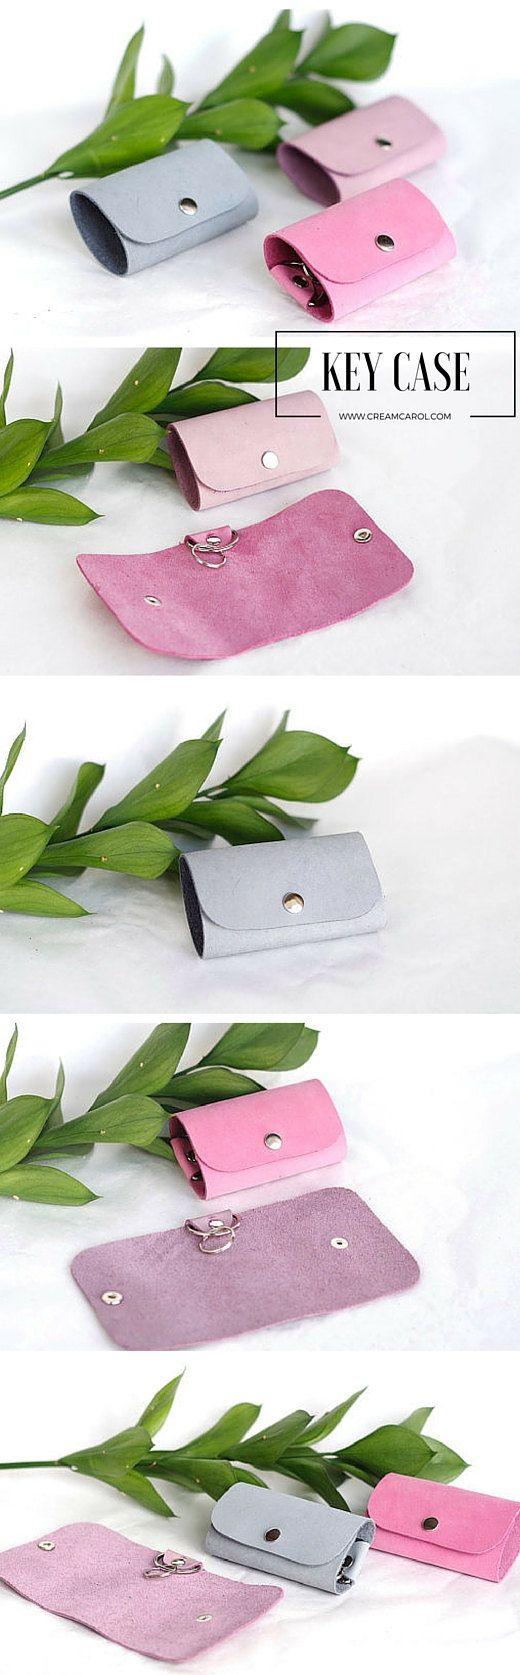 Key case Key holder Key pouch Keychain Leather by creamcaroll